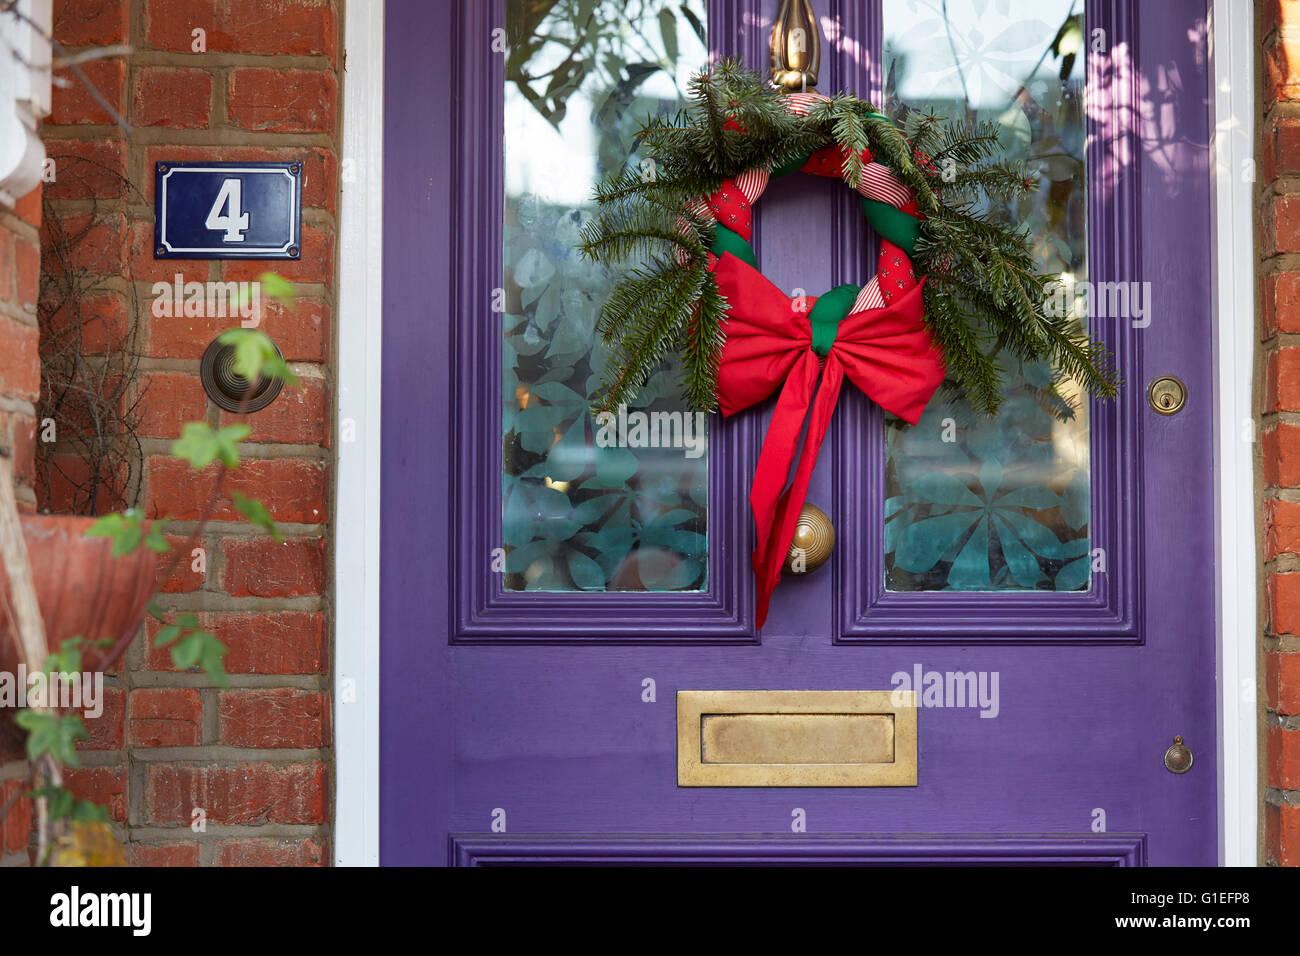 Christmas Garland On Door Wreath Hanging On Purple Door Stock Photo